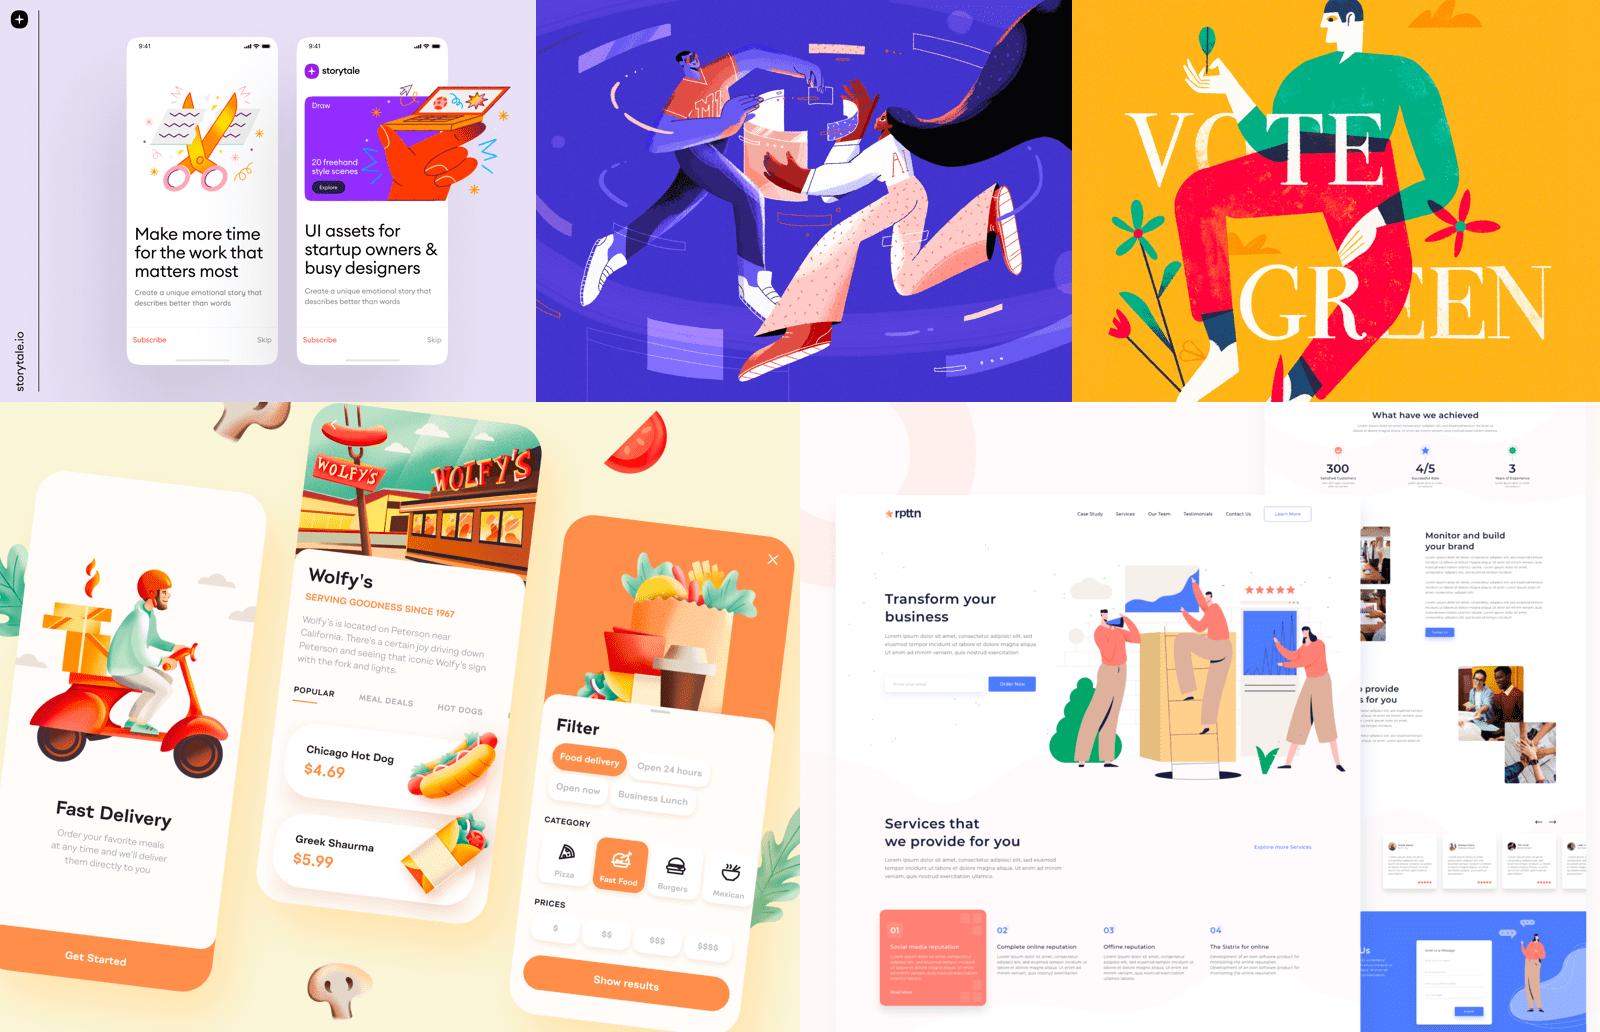 Illustrations used in UX/UI design